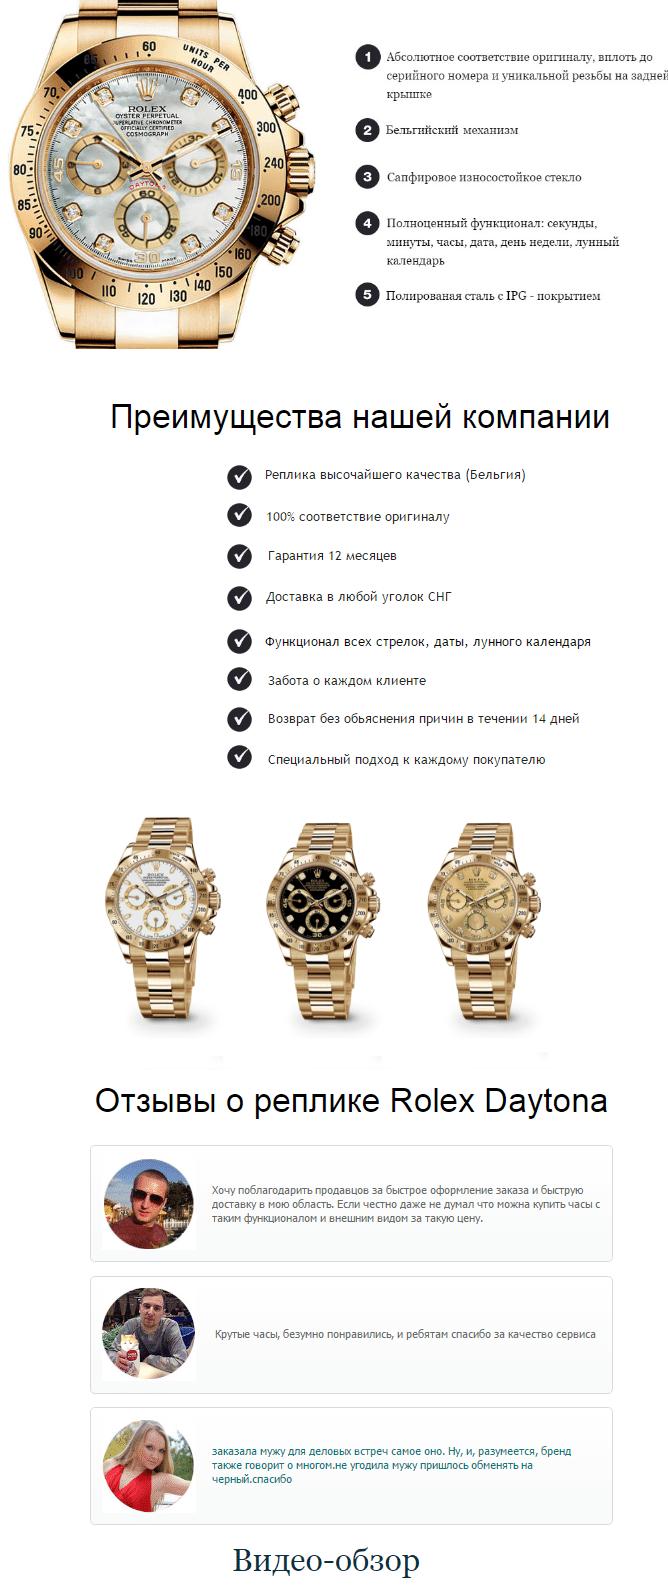 мужские часы Rolex Daytona купить